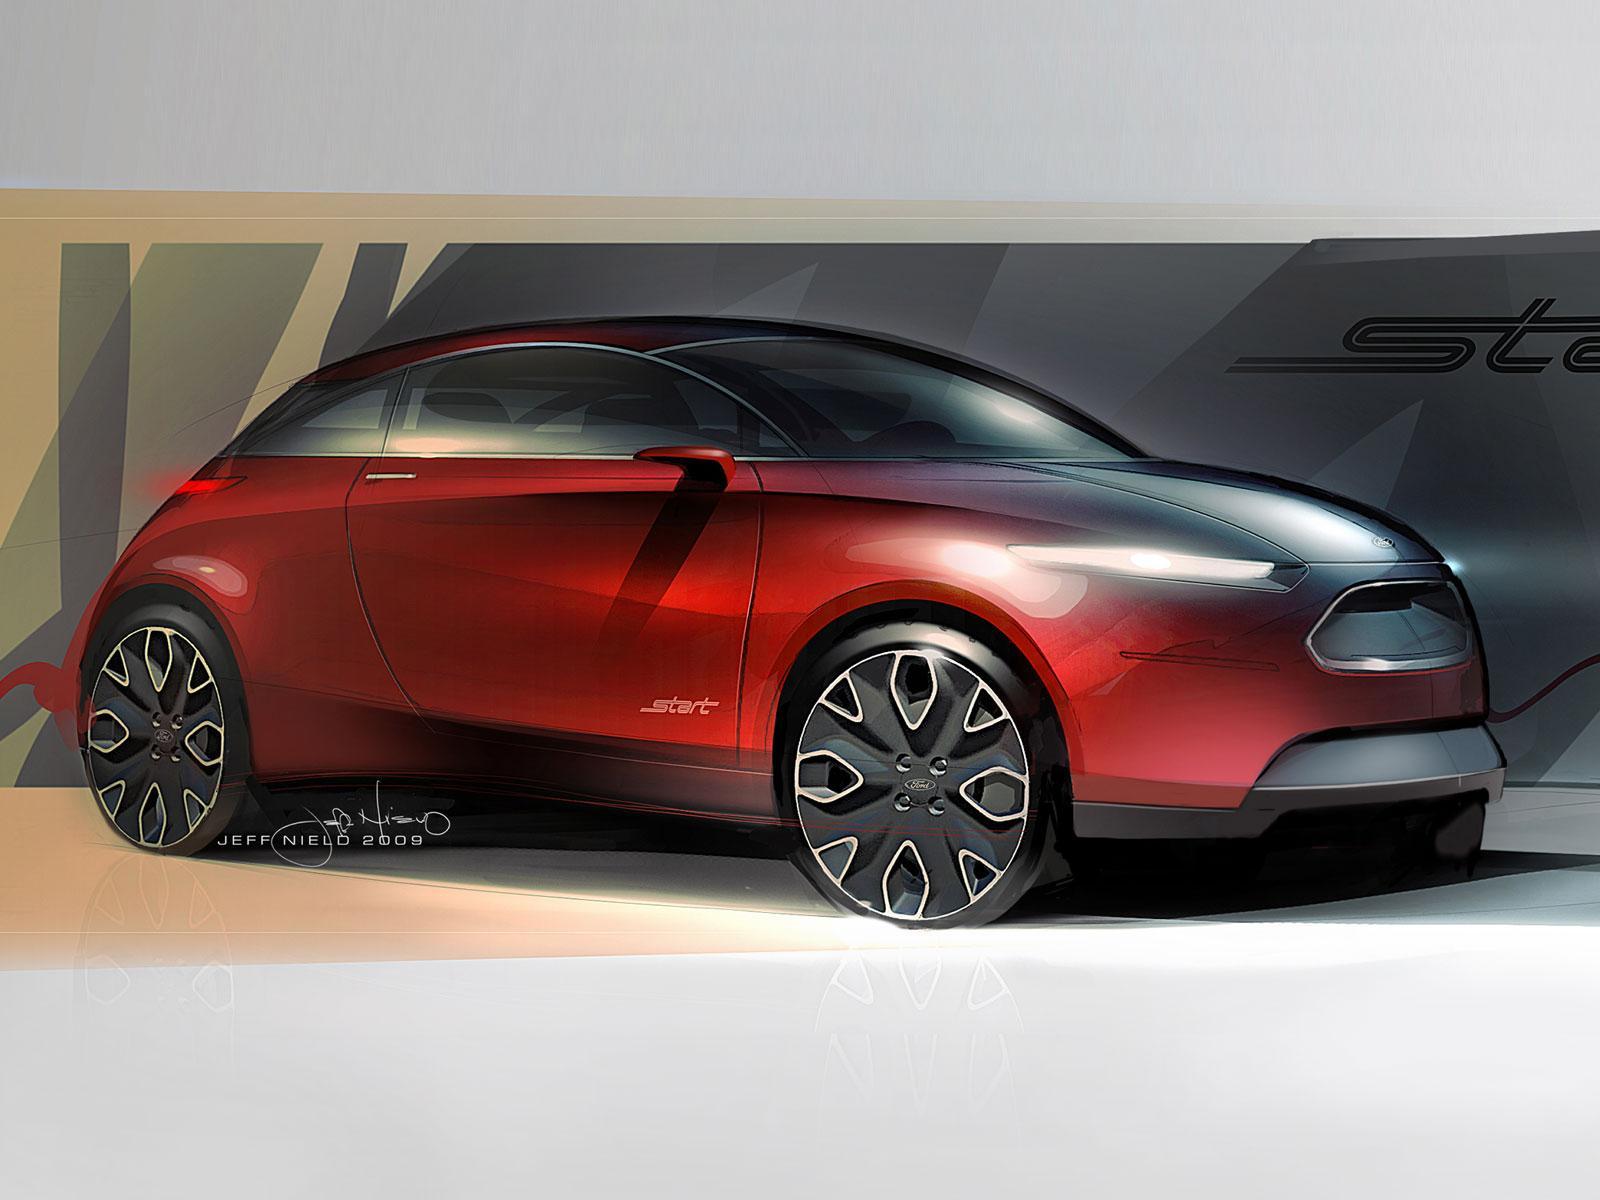 Ford Start Concept Design Sketch - Car Body Design